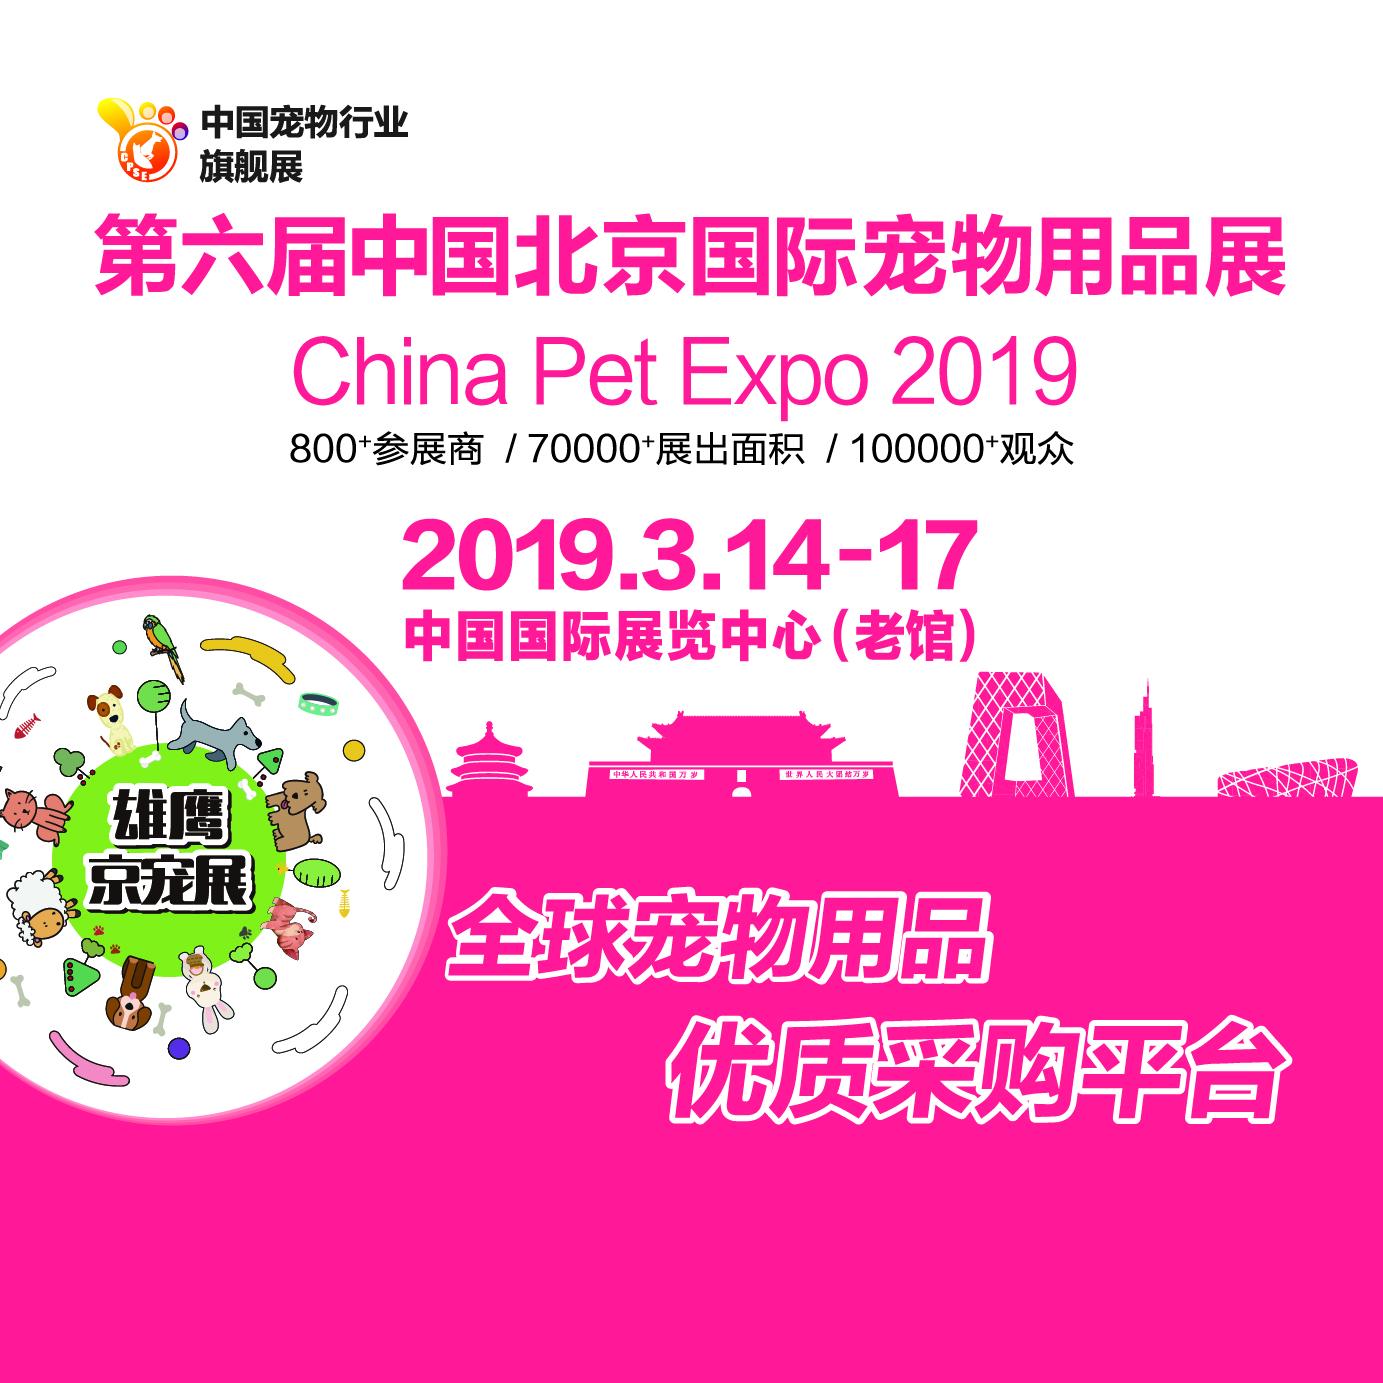 3月14-17日国内宠物第一大展举办,为宠物疯狂血拼去!